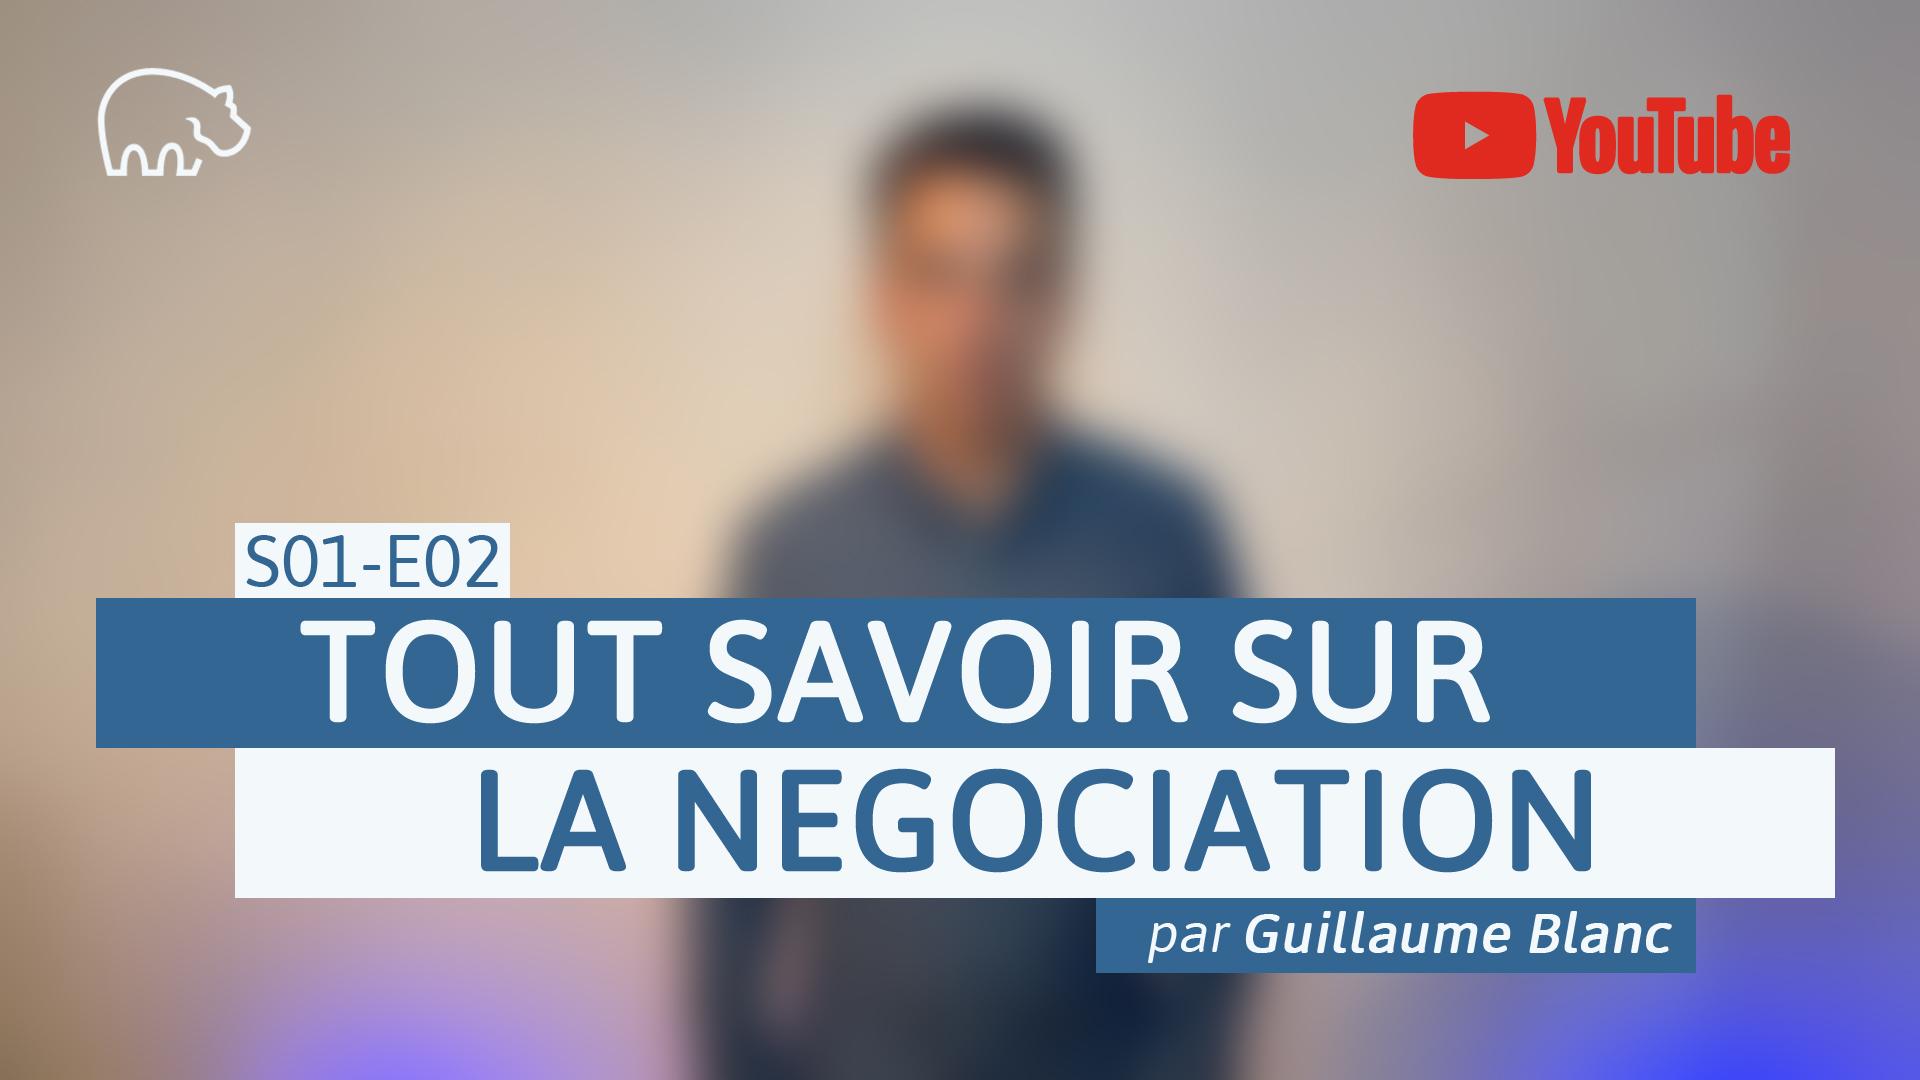 Bannière illustration - ImmoPotamTV - YouTube - Guillaume Blanc - S01-E02 - Tout savoir sur la négociation